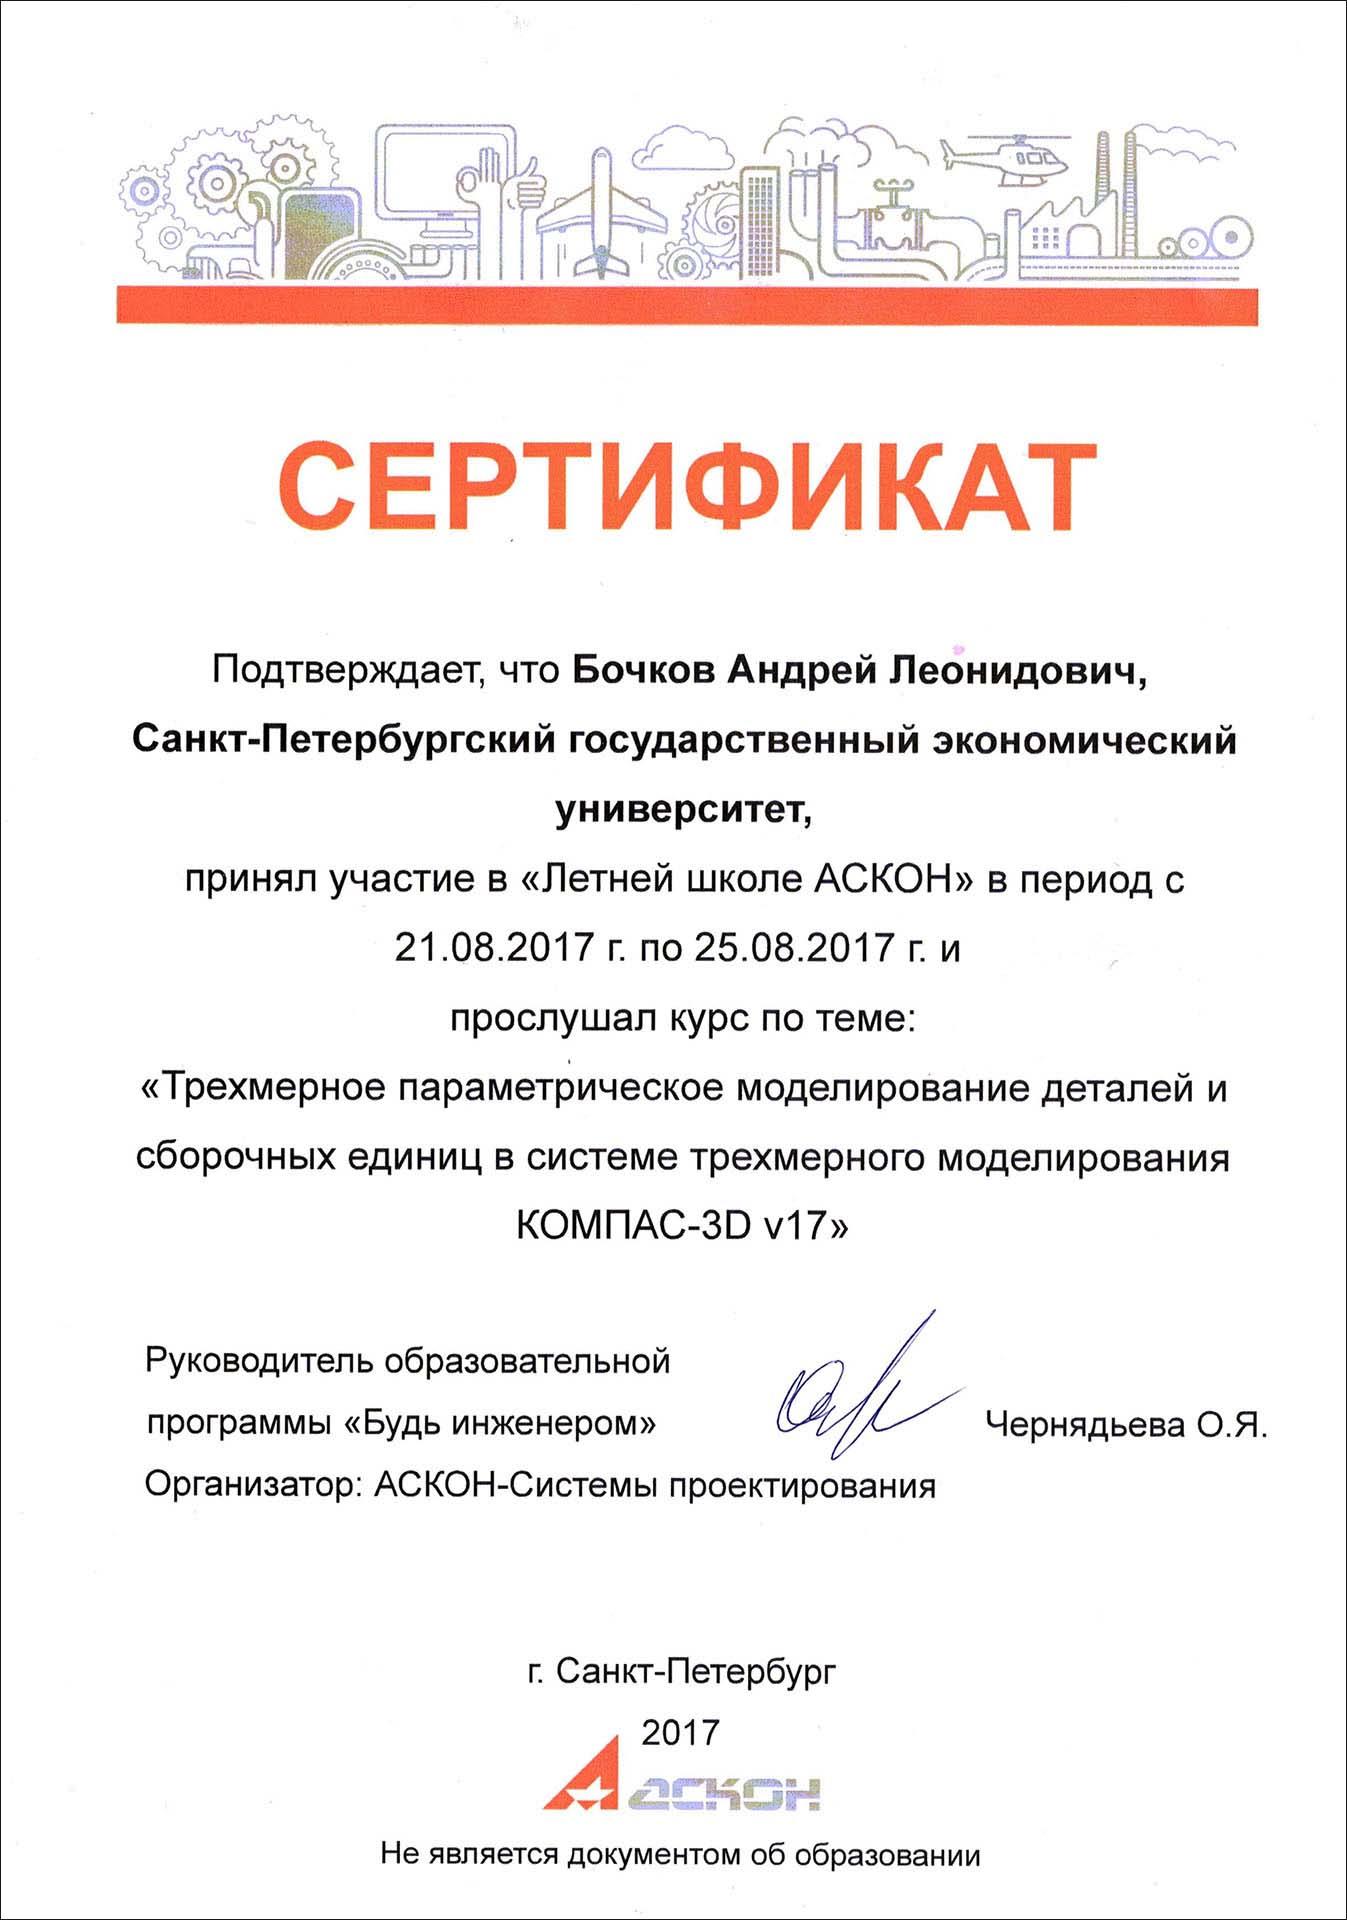 Сертификат КОМПАС-3D V 17